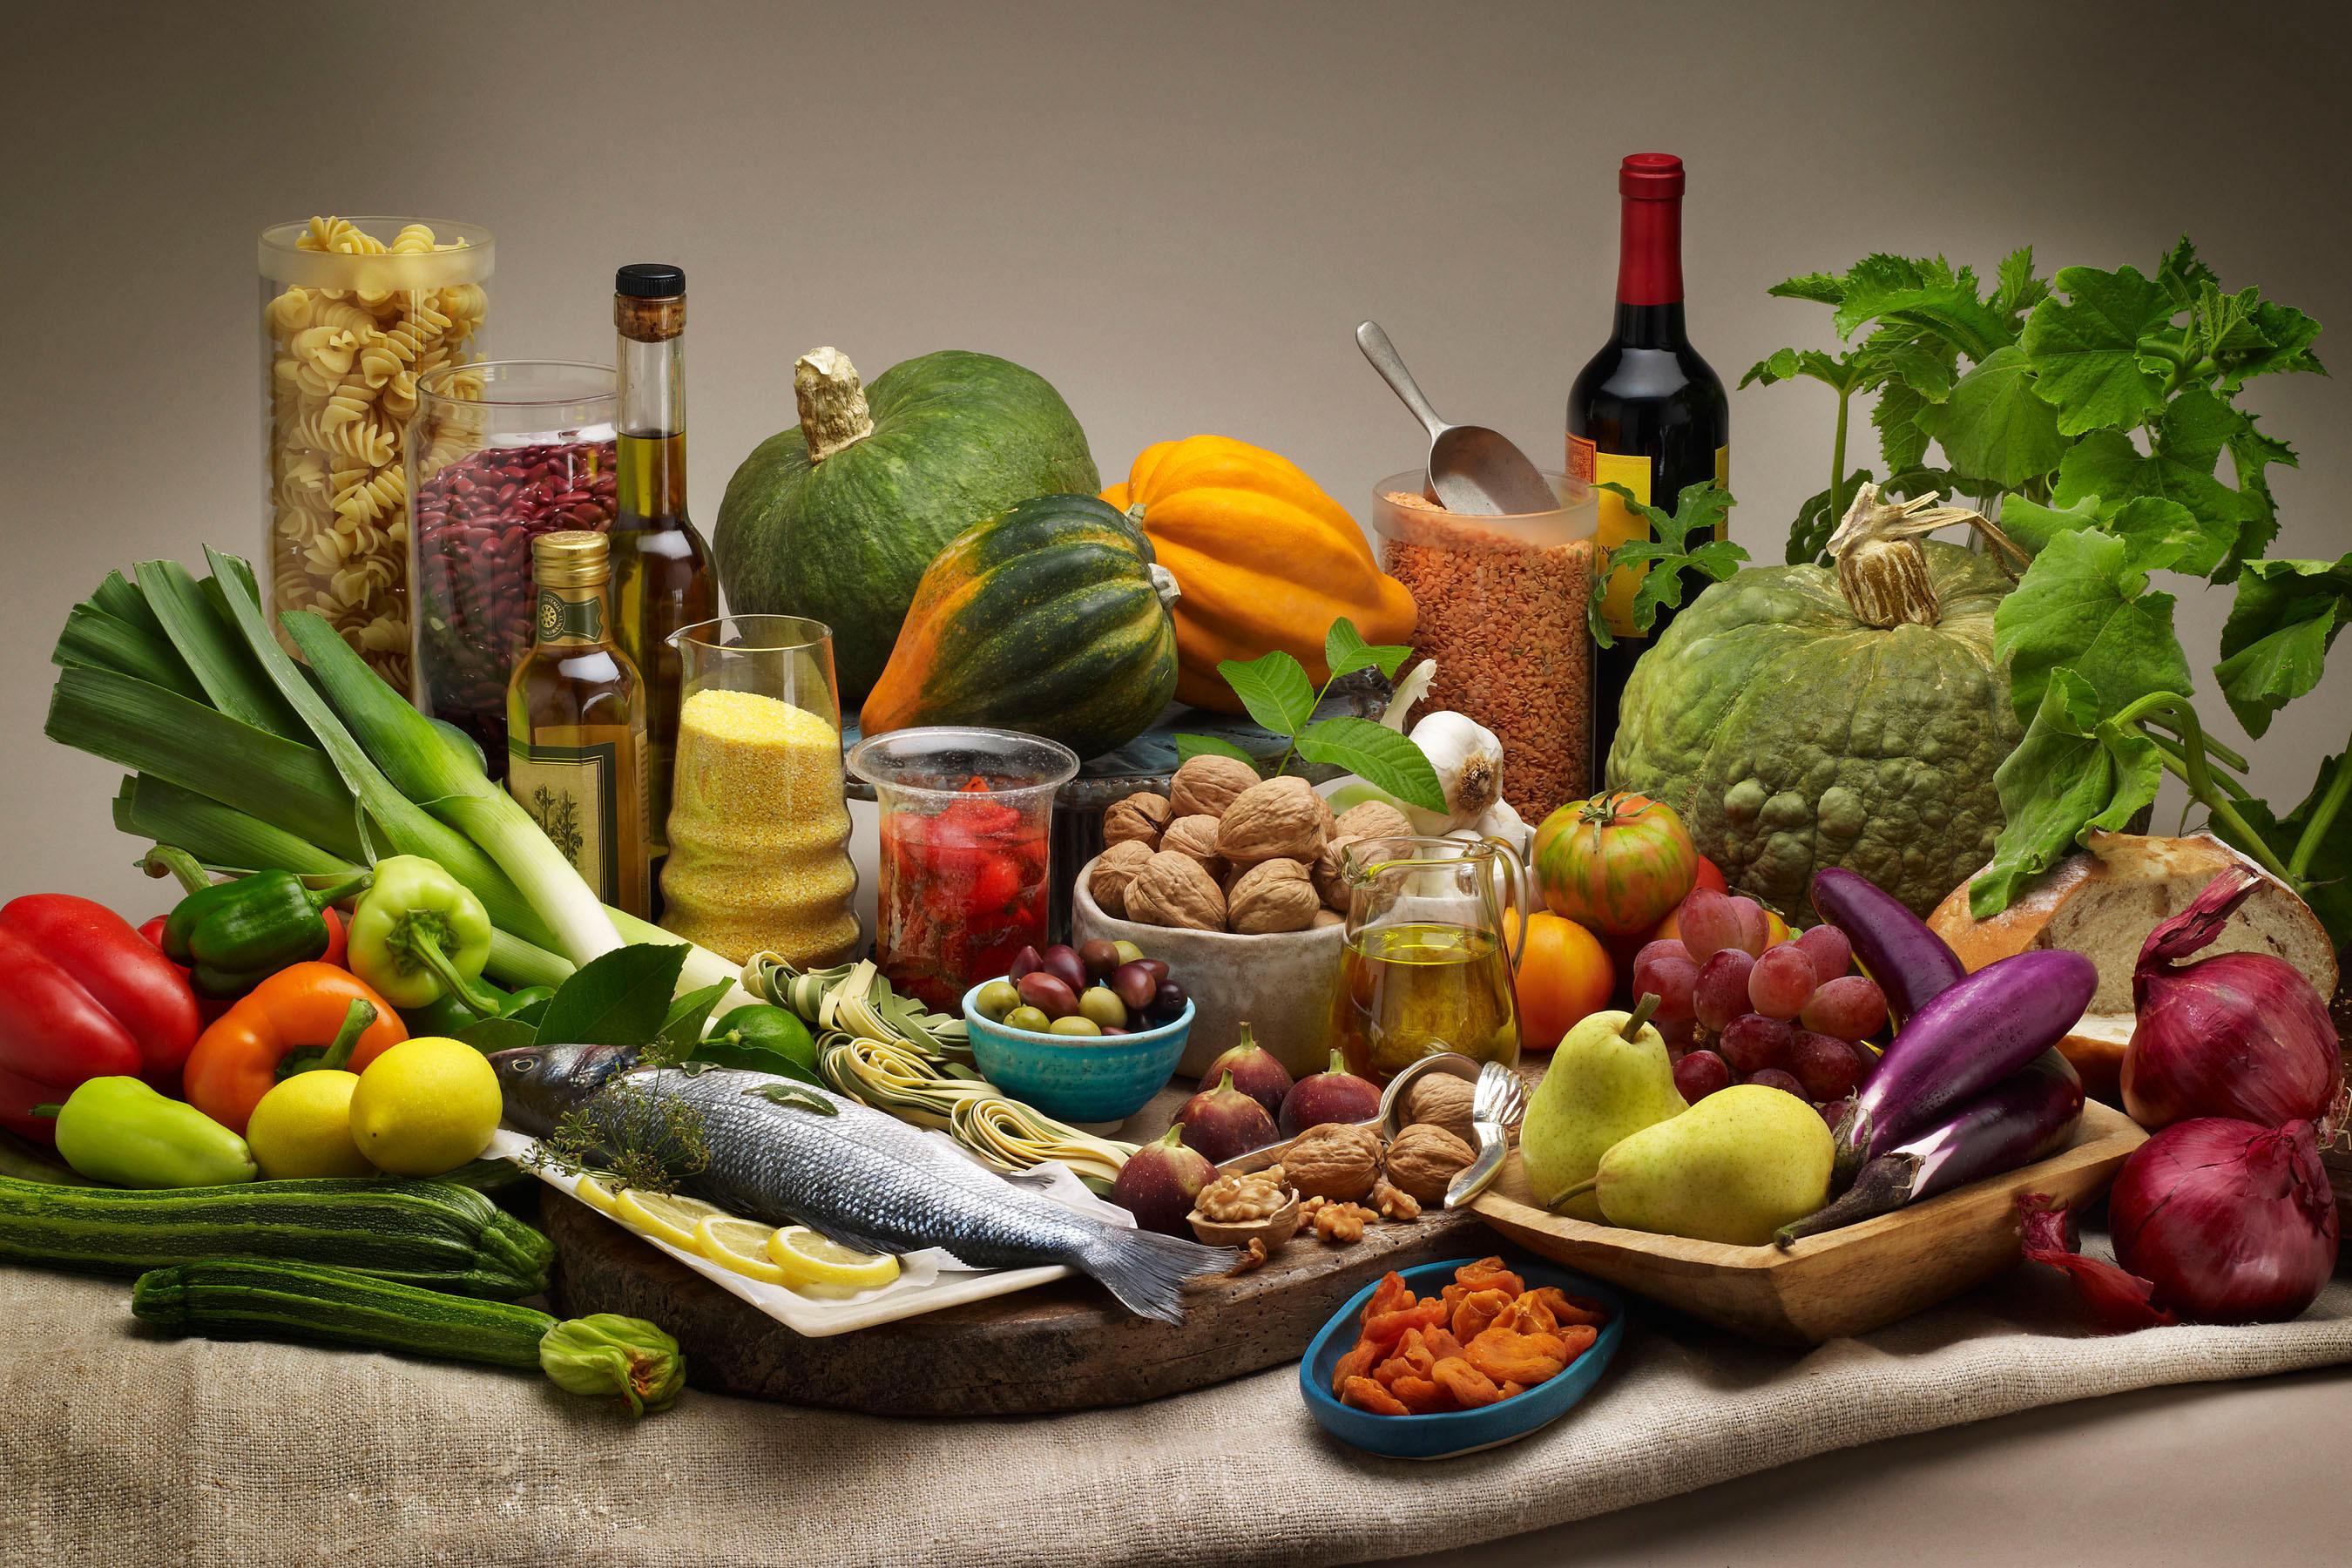 Αποτέλεσμα εικόνας για Η Διατροφή και η βαθύτατη σχέση της με τον άνθρωπο!